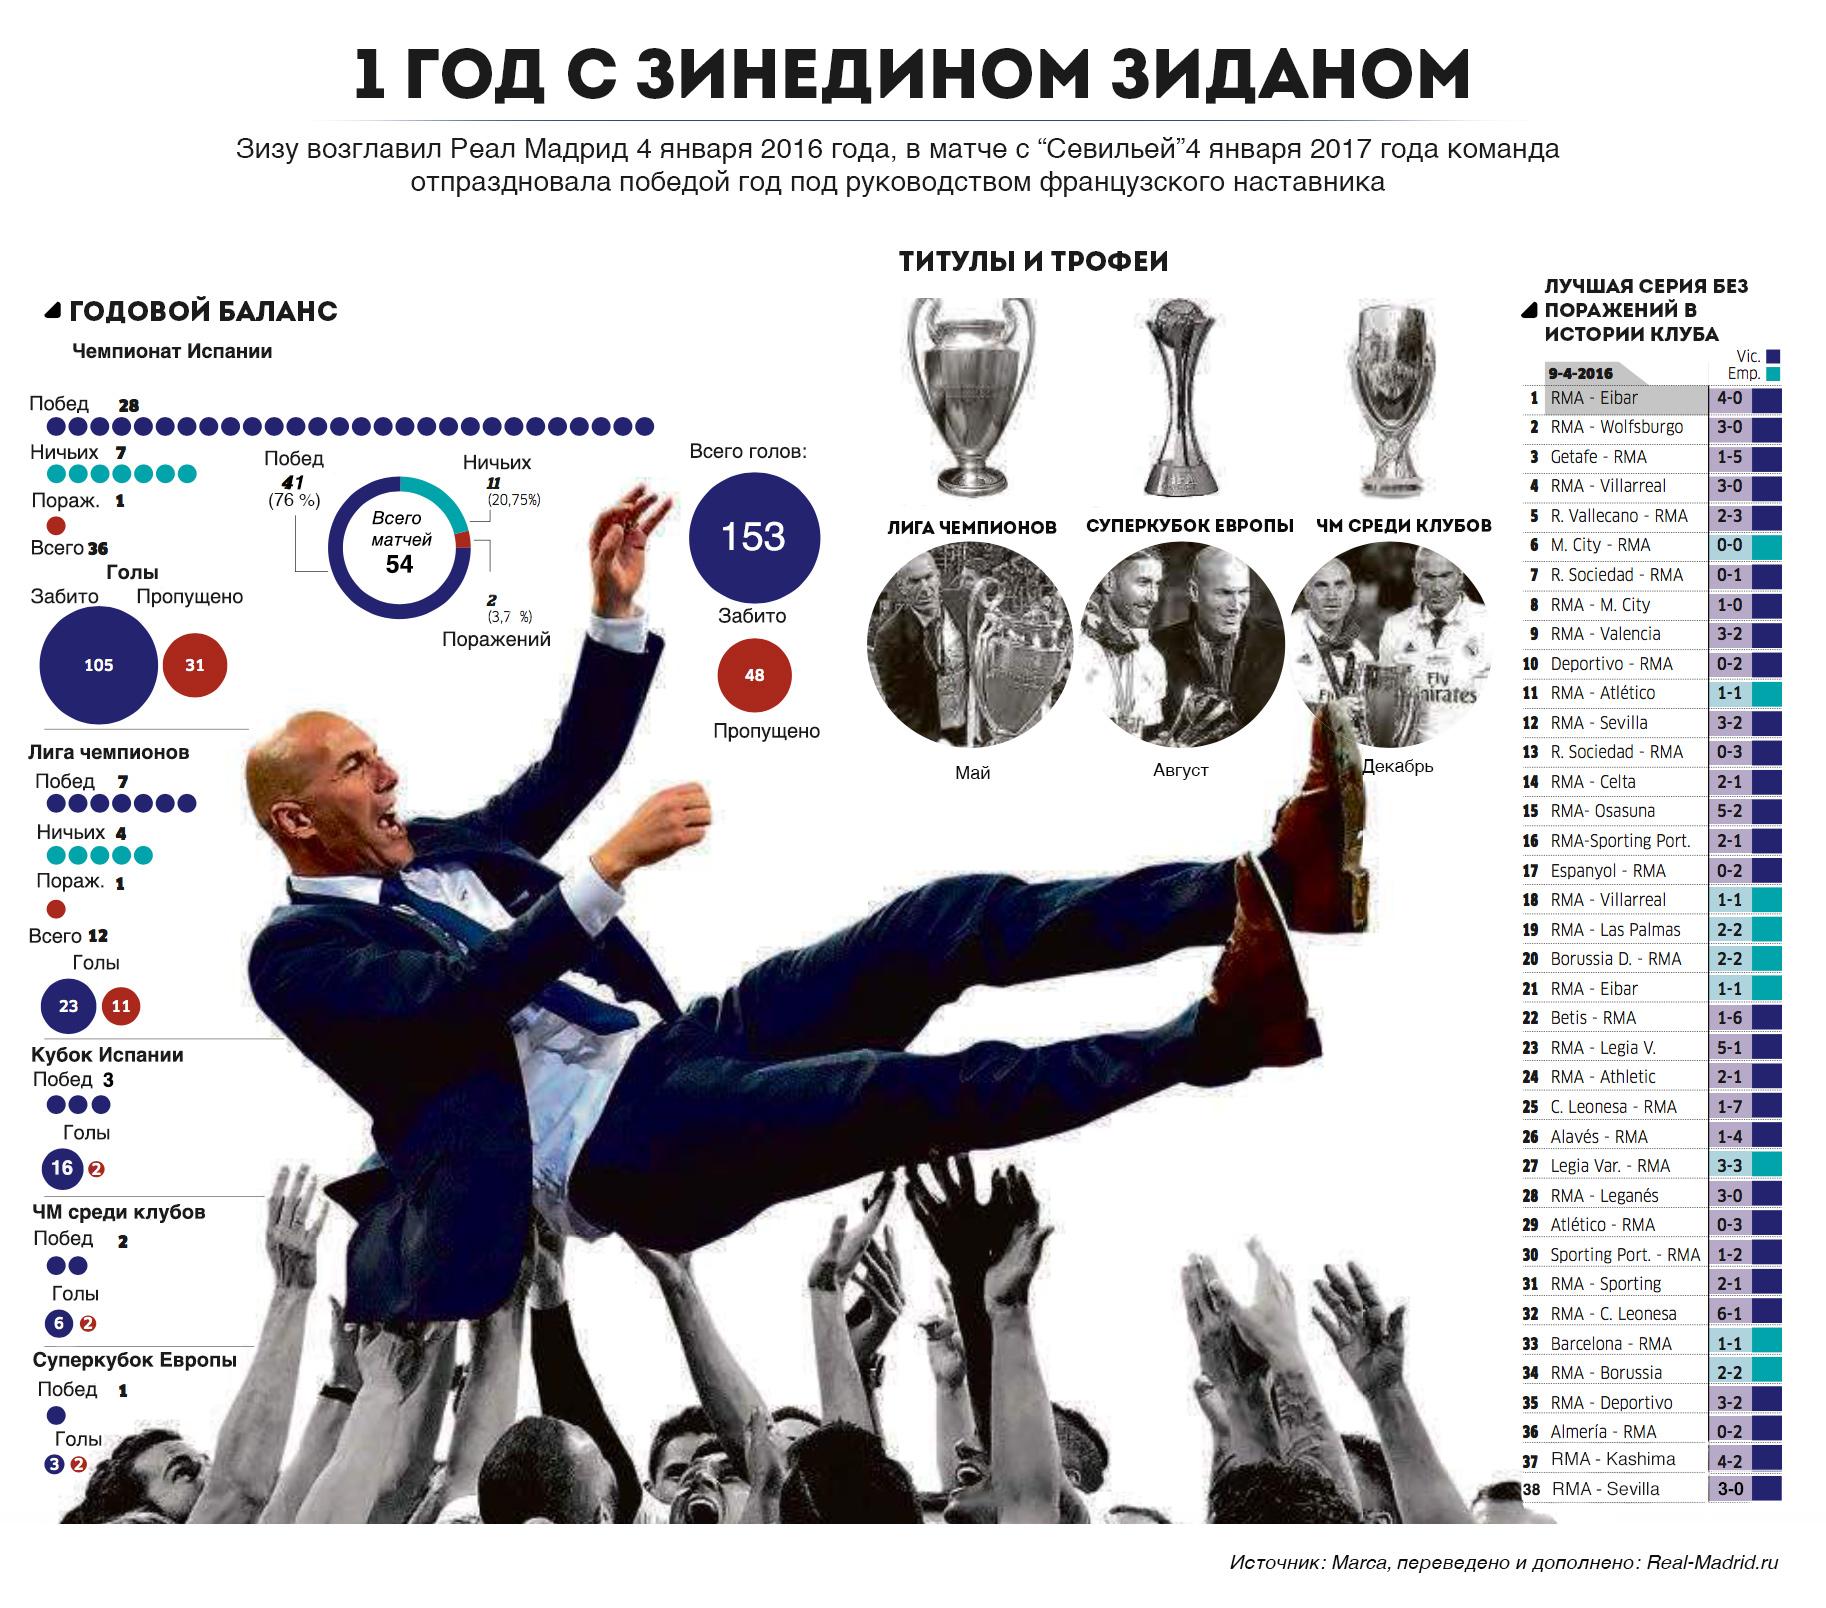 Зинедин Зидан статистика Реал Мадрид